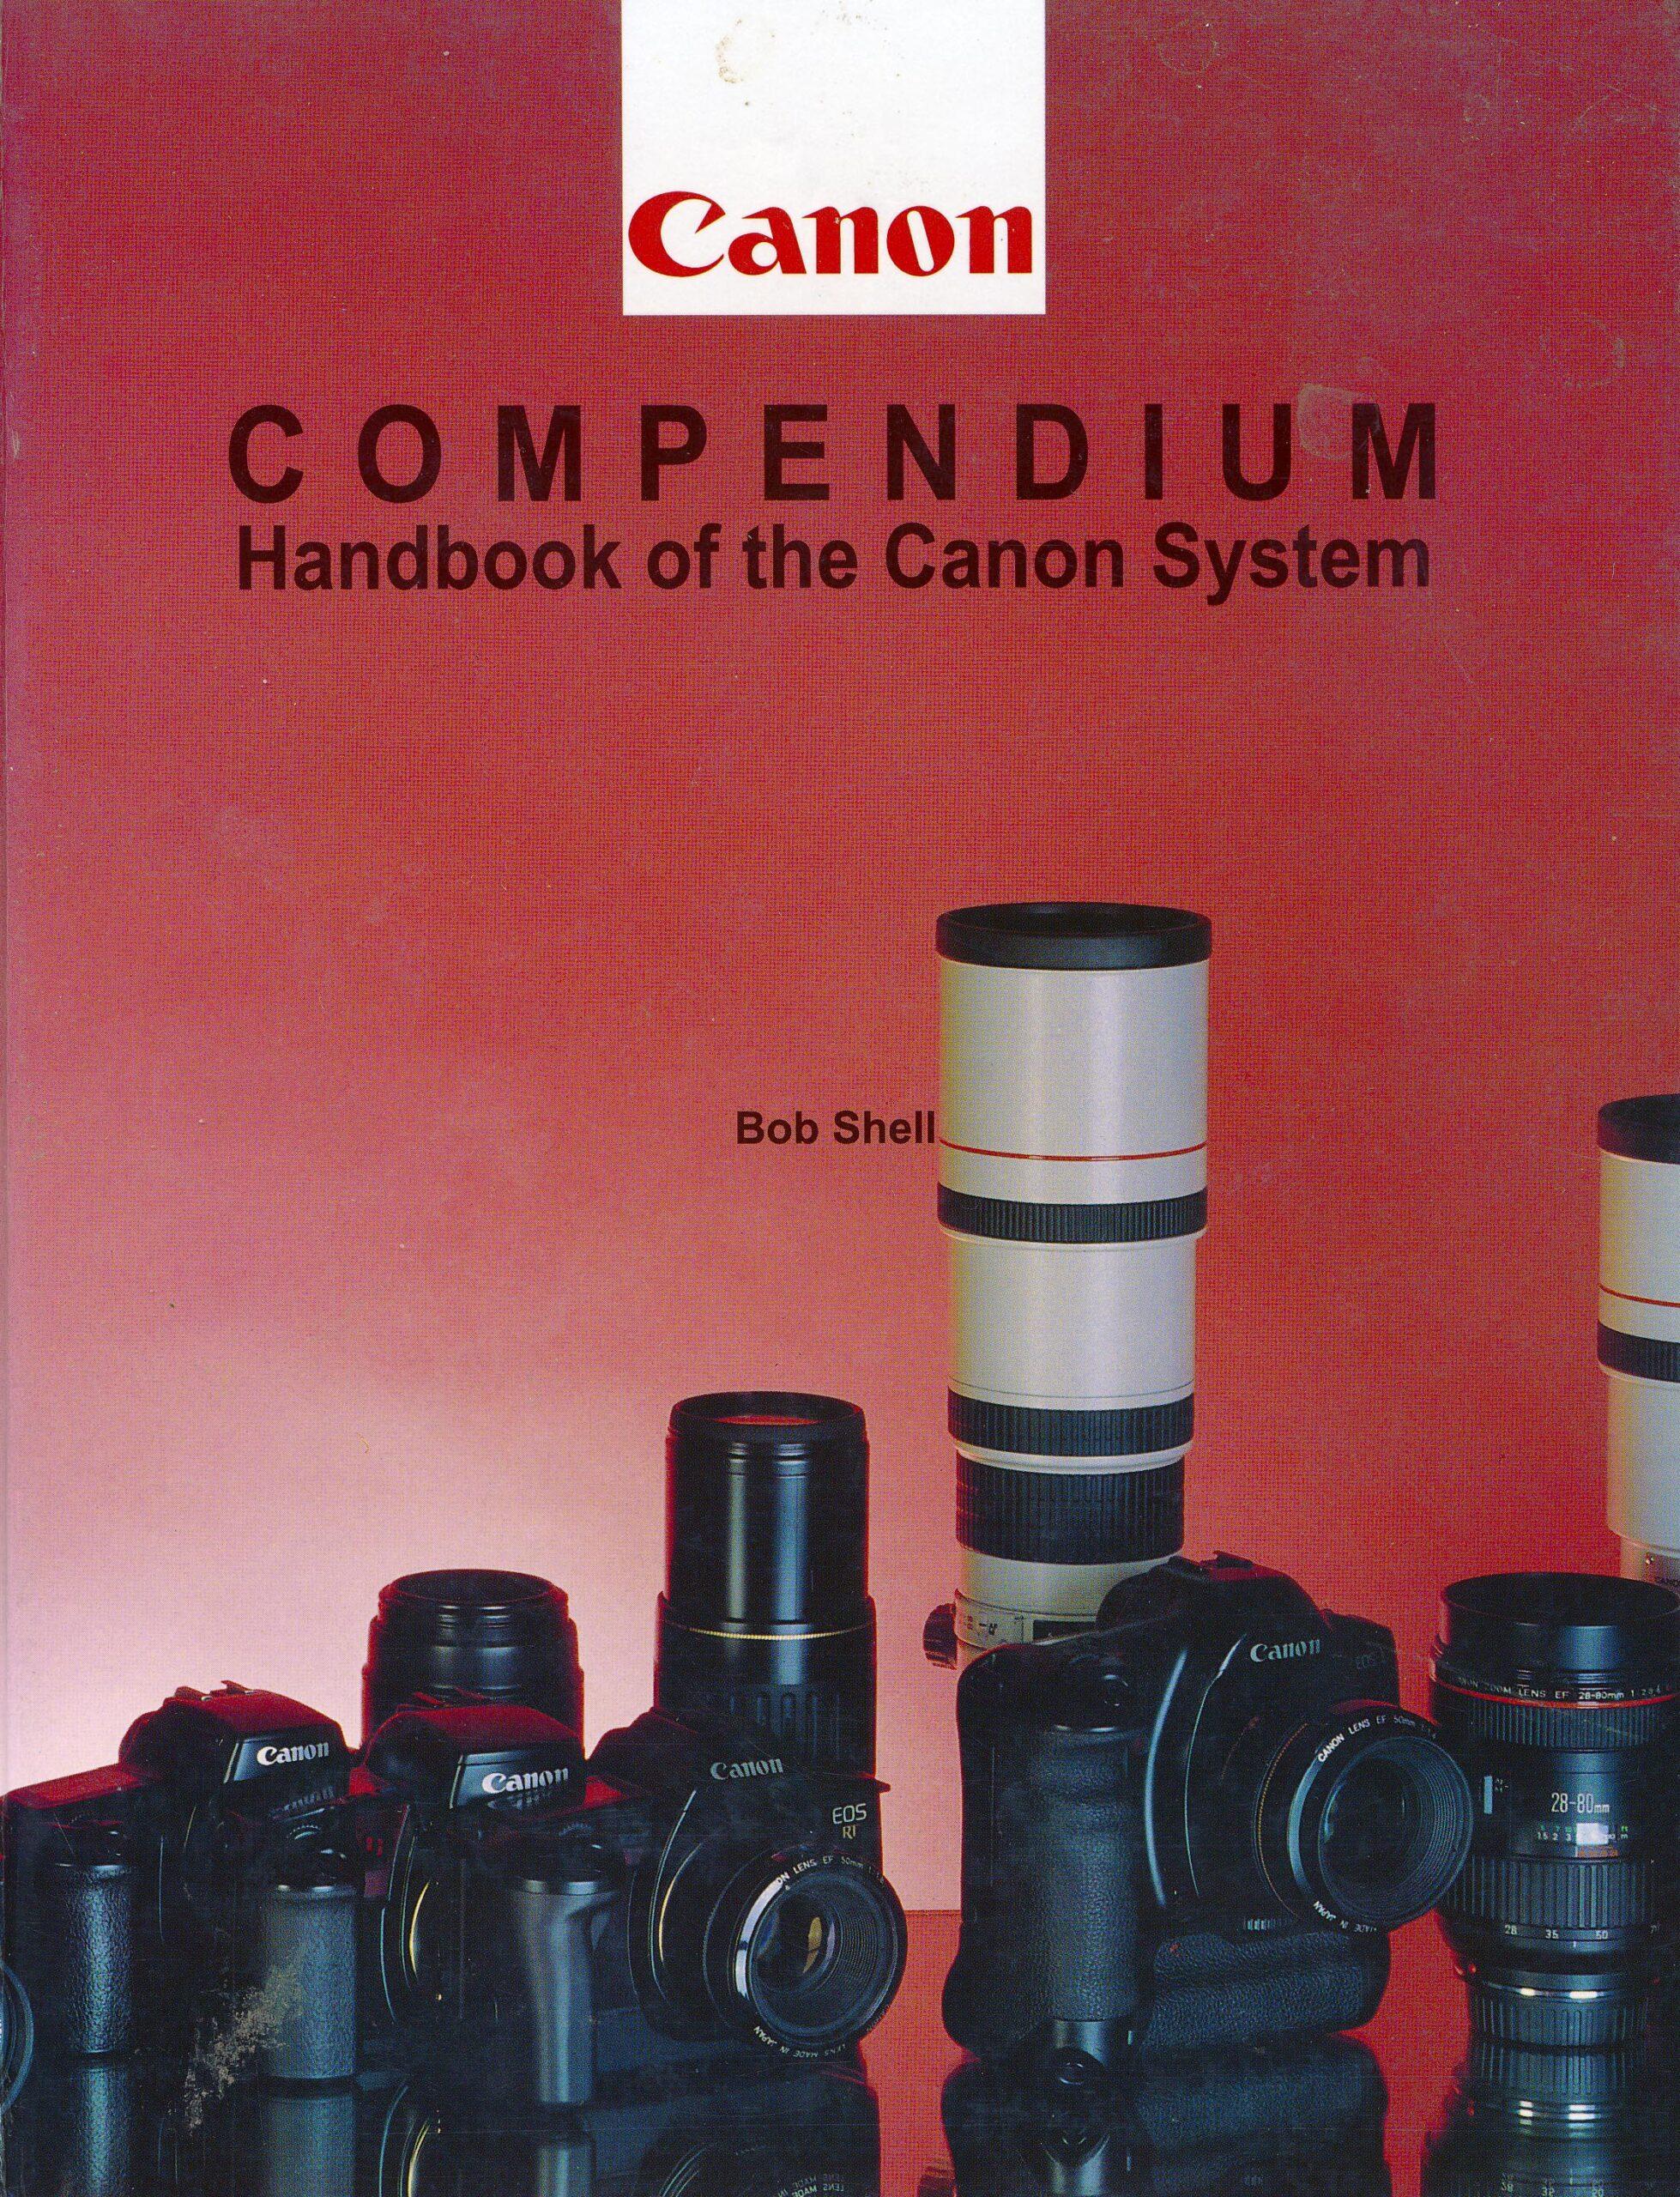 Canon Compendium Bob Shell